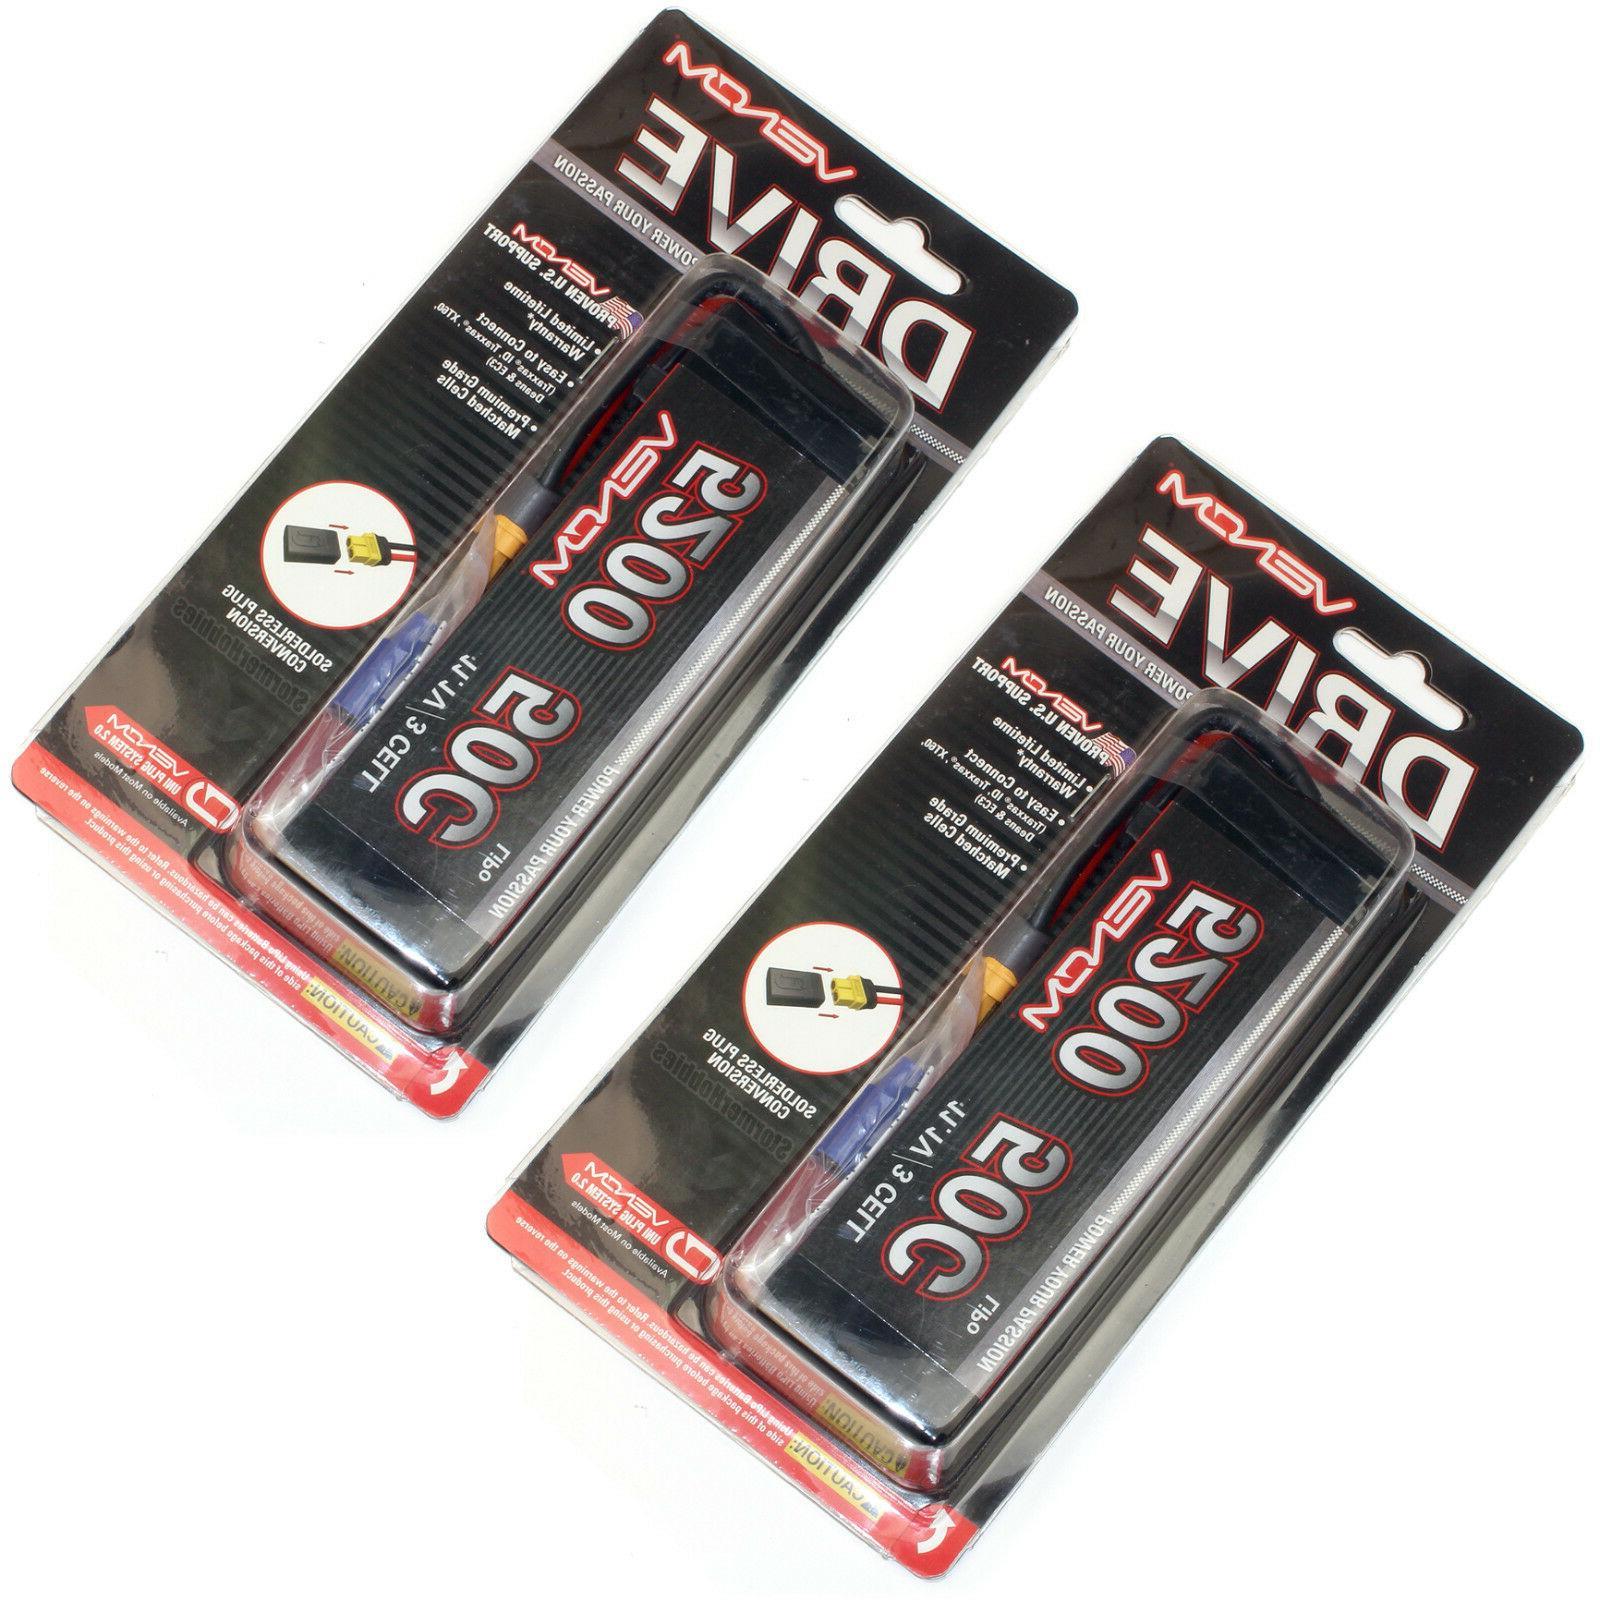 50C 3S Battery Plug VNR15173